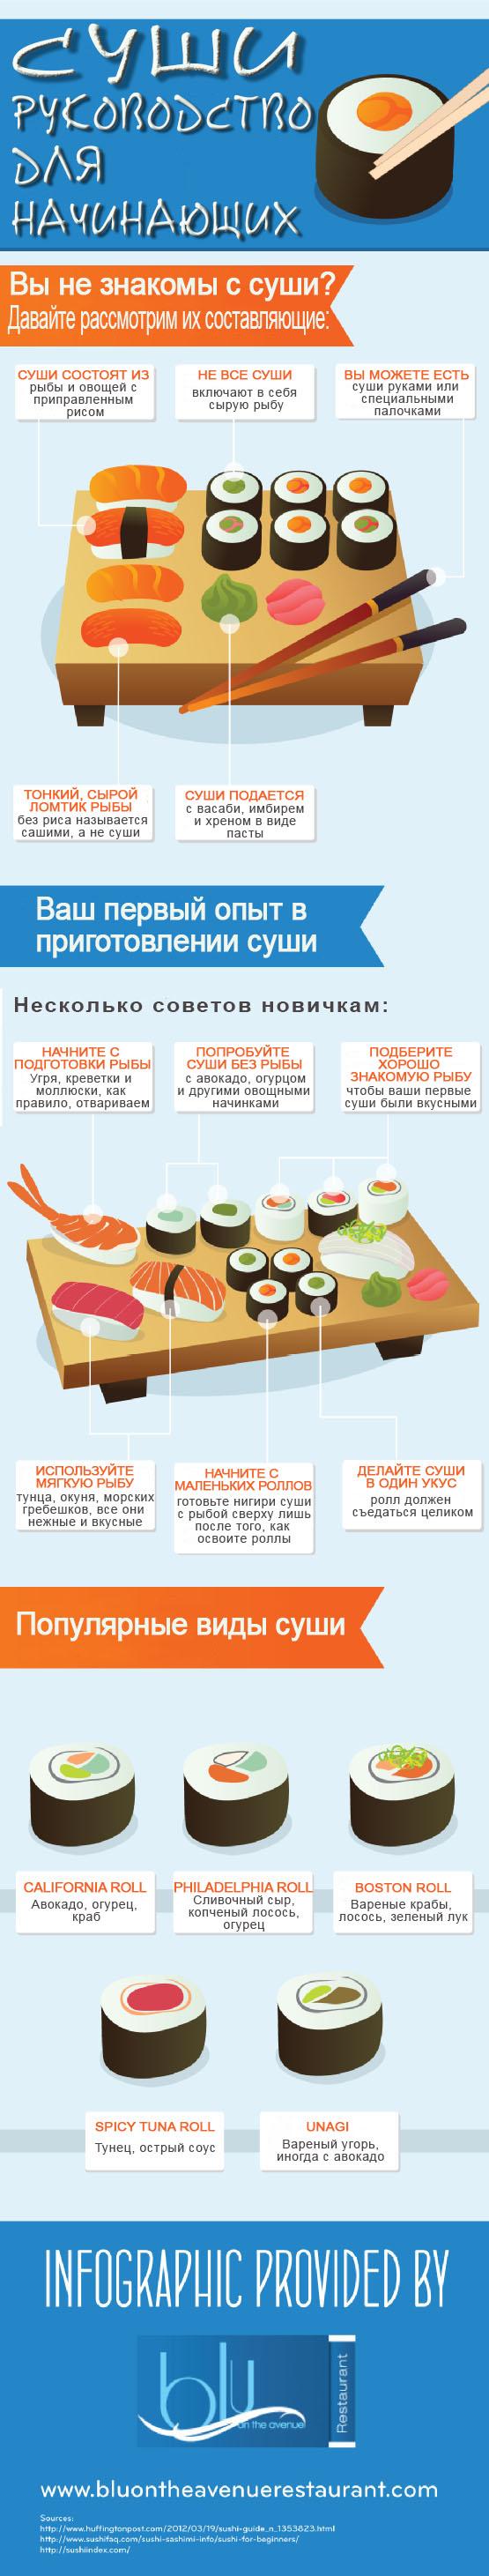 Как приготовить суши дома фото пошаговая инструкция - 47a5e